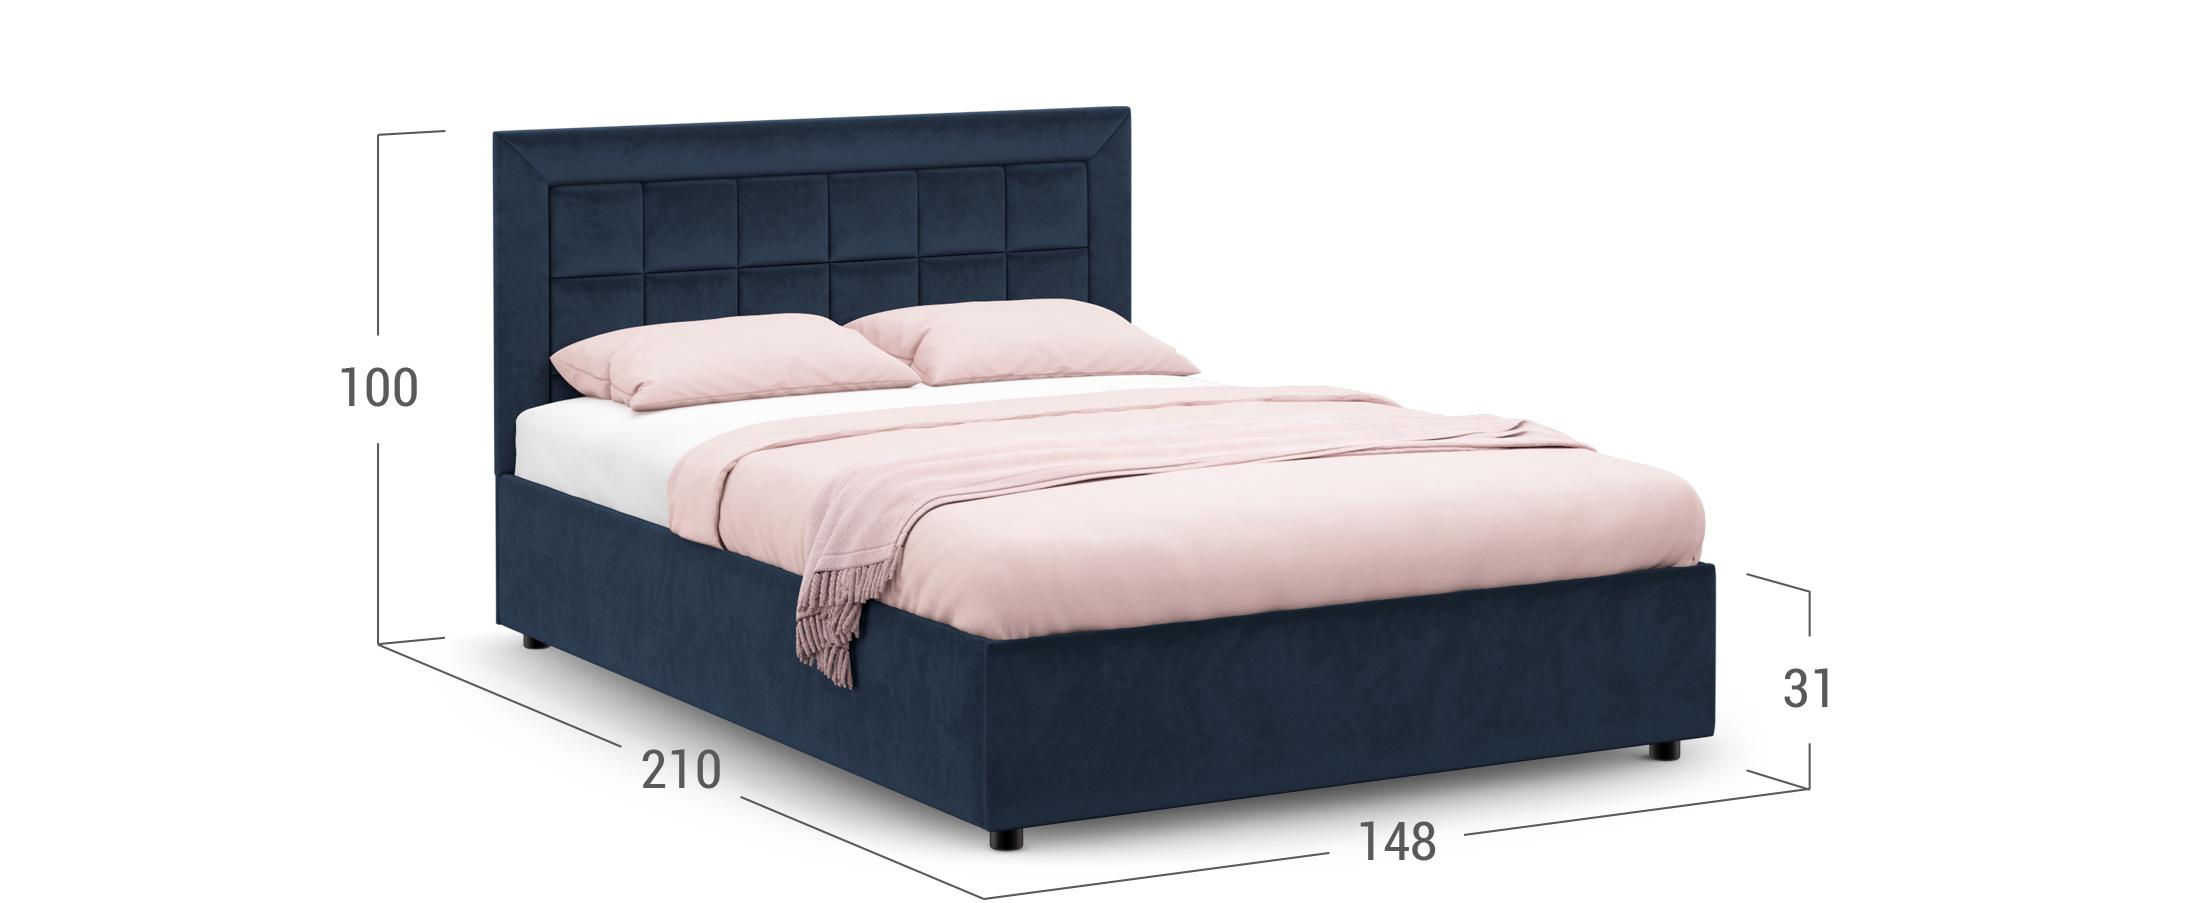 Кровать двуспальная MOON FAMILY 1222 140х200